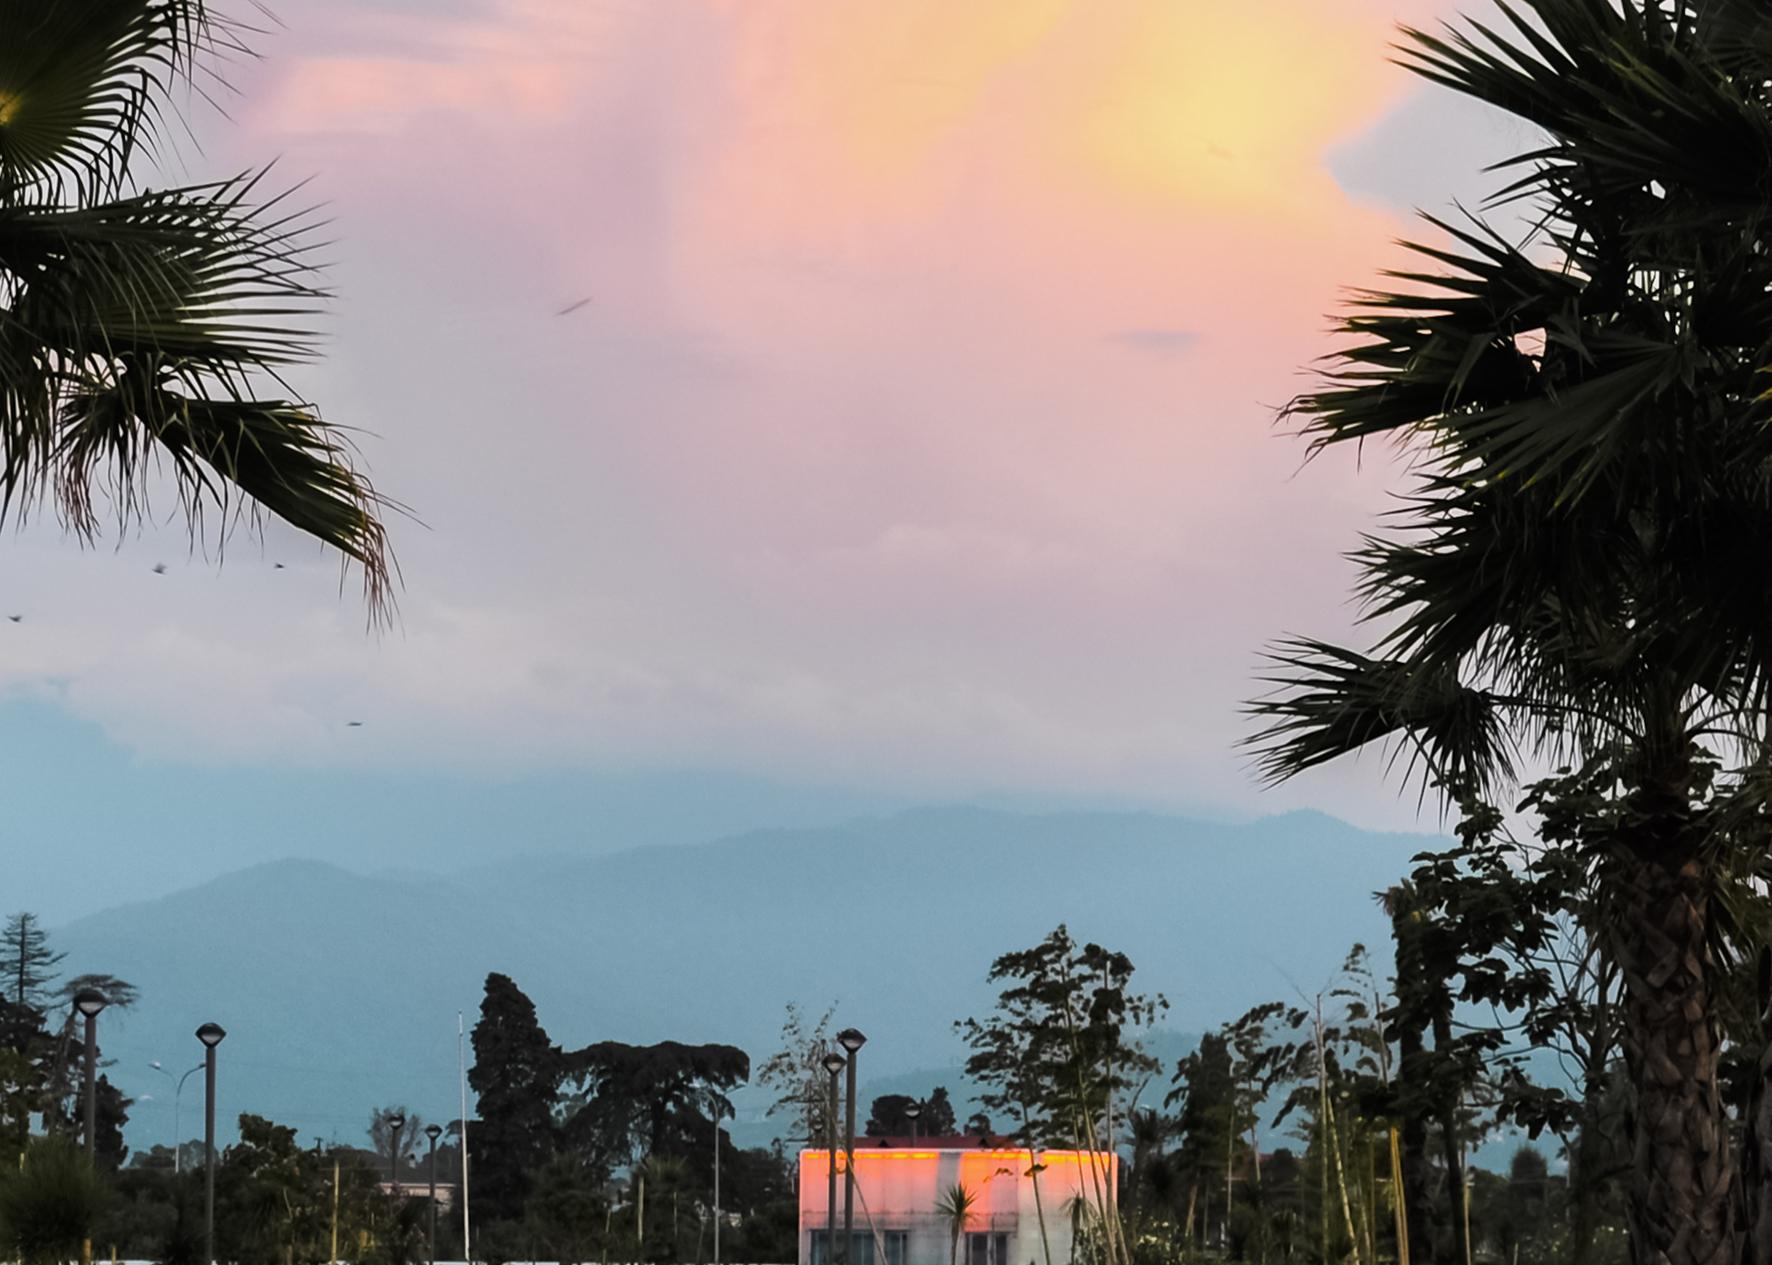 Fotografie einer Landschaft. Im Vordergrund begrenzen rechts und links Palmen den Bildausschnitt. Im Mittelgrund steht ein kleines weißes Haus dessen unterer Bereich vom Bildrand abgeschnitten wird. Darum stehen Straßenlaternen und Bäume. Im Hintergrund erhebt sich im Dunst und Nebel ein hoher Berg